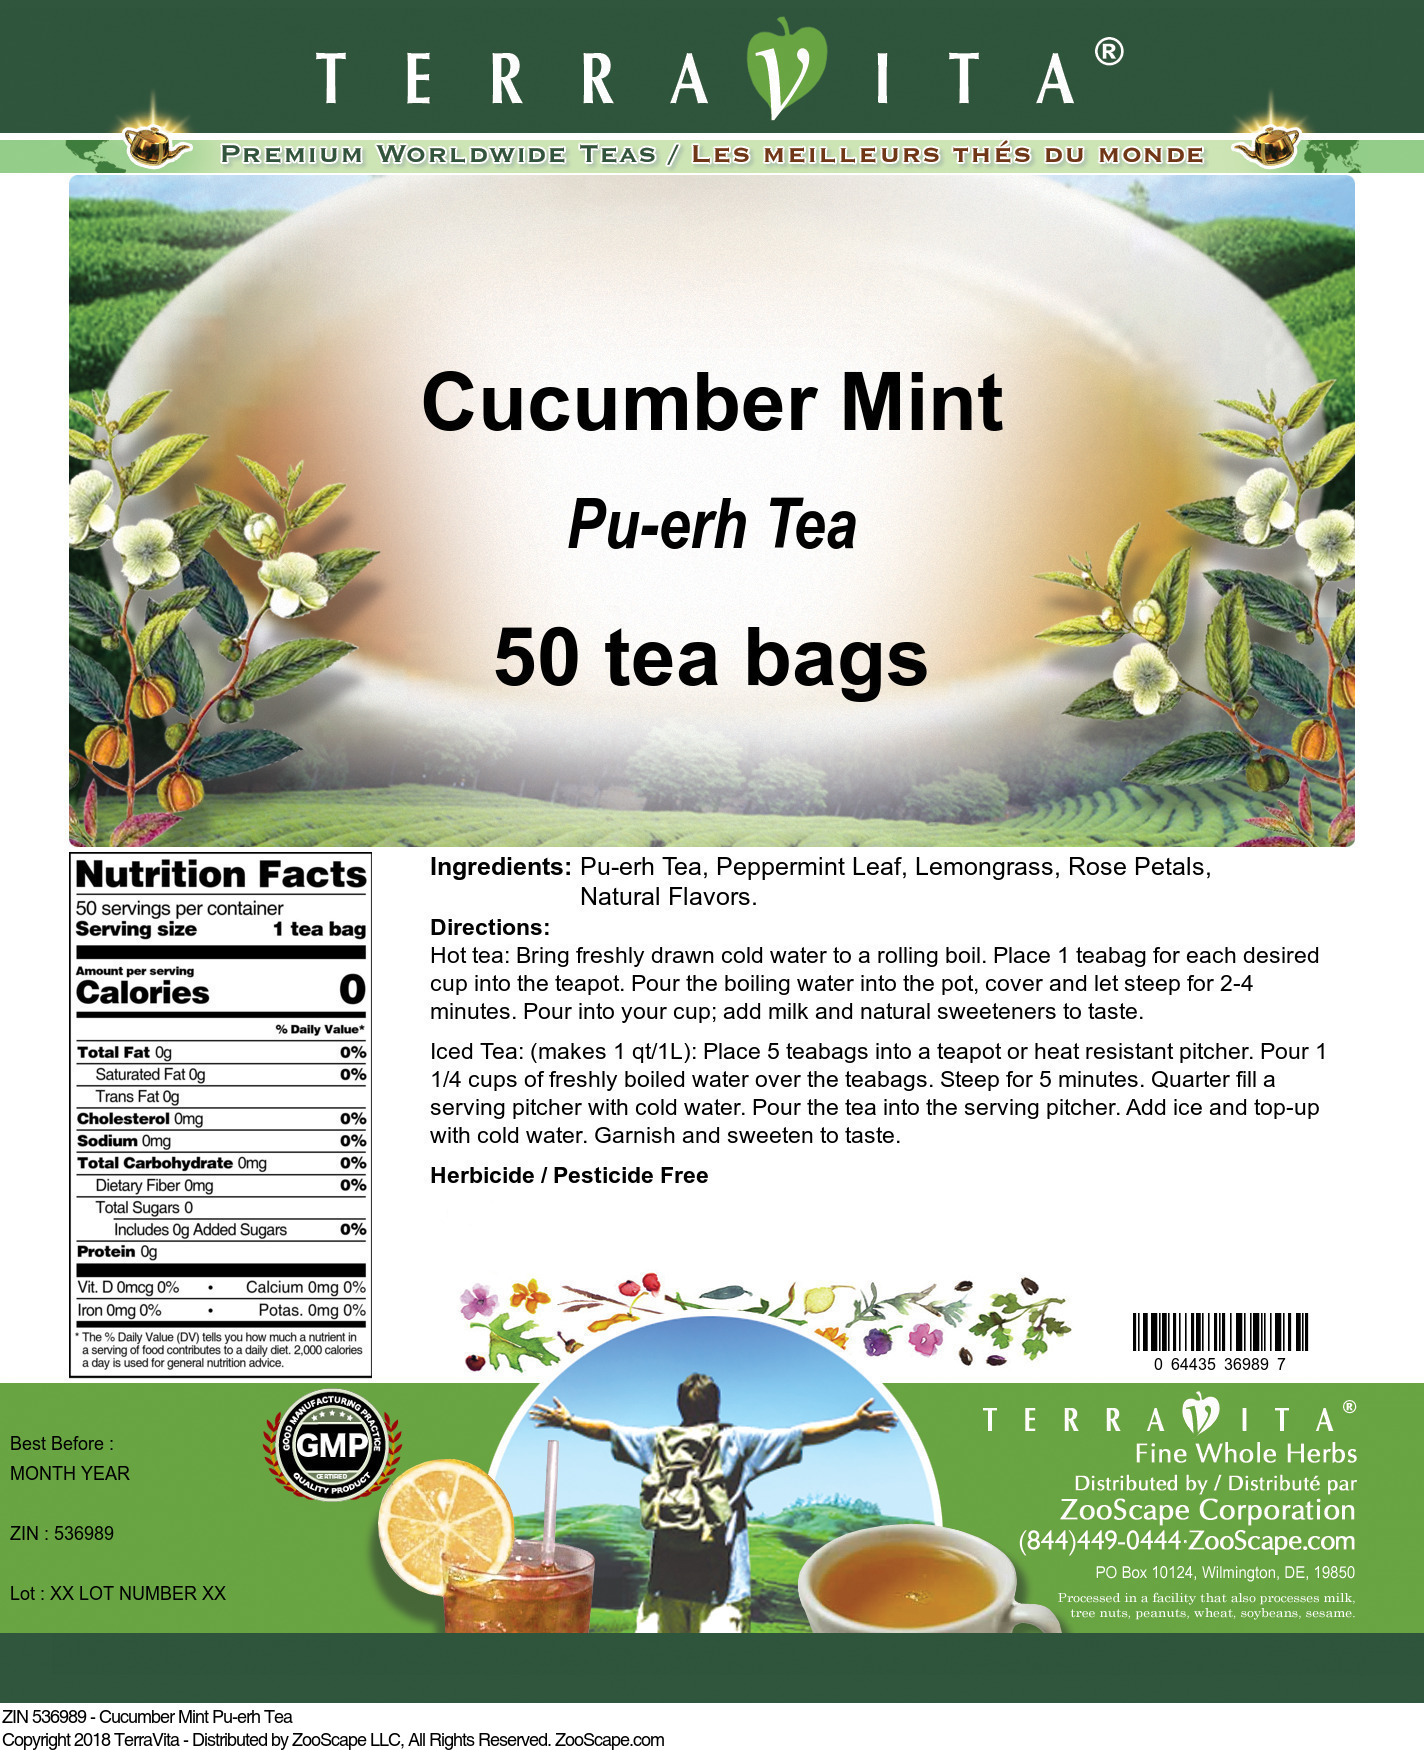 Cucumber Mint Pu-erh Tea